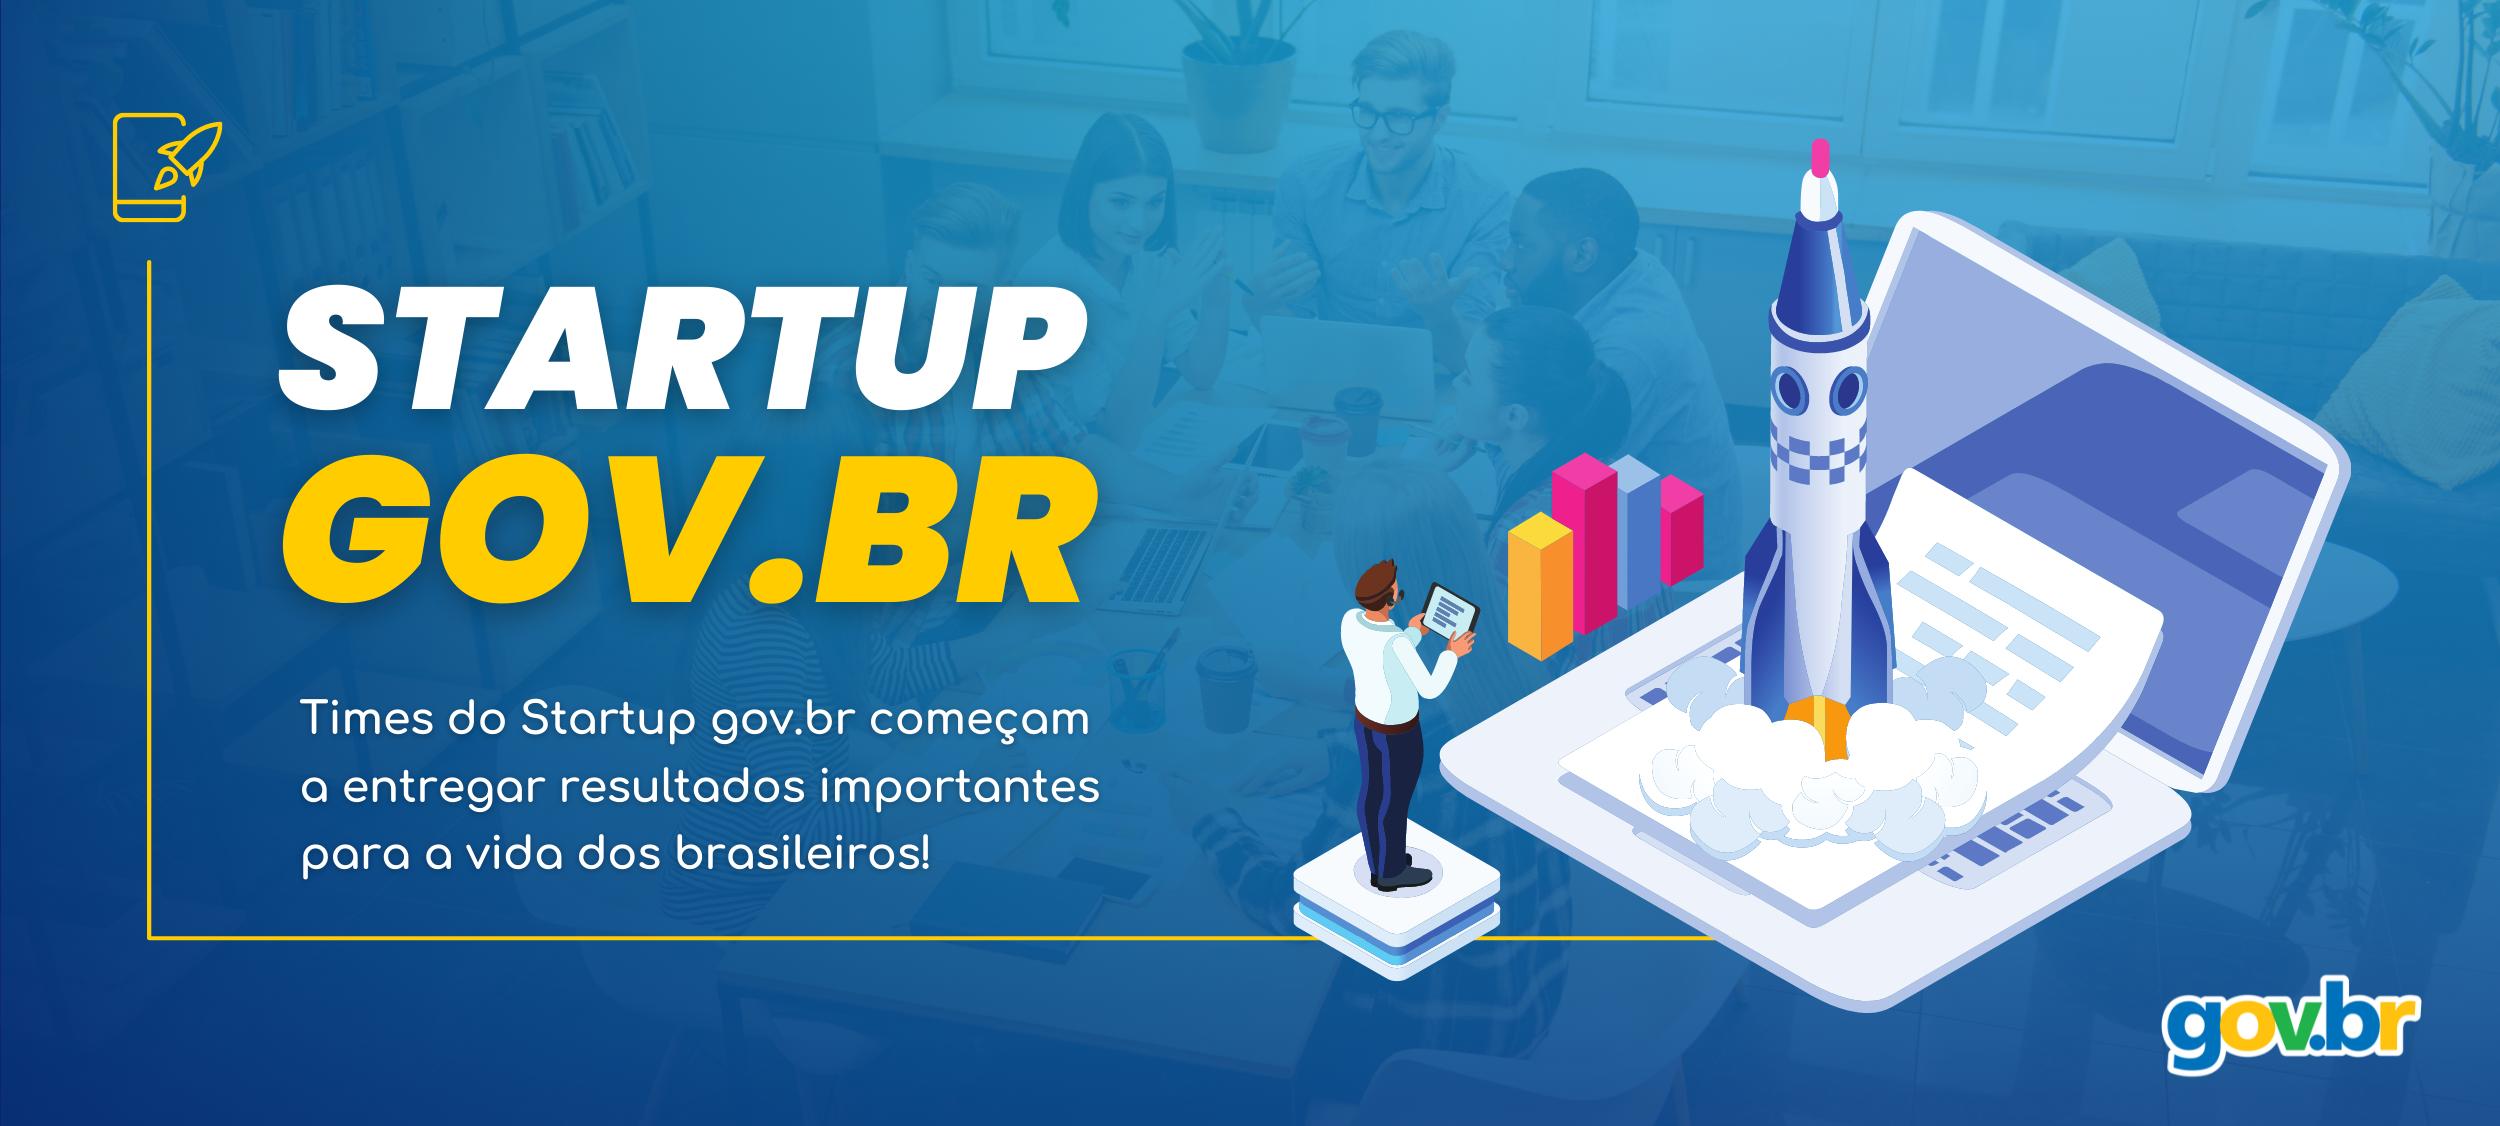 Banner Startup gov.br